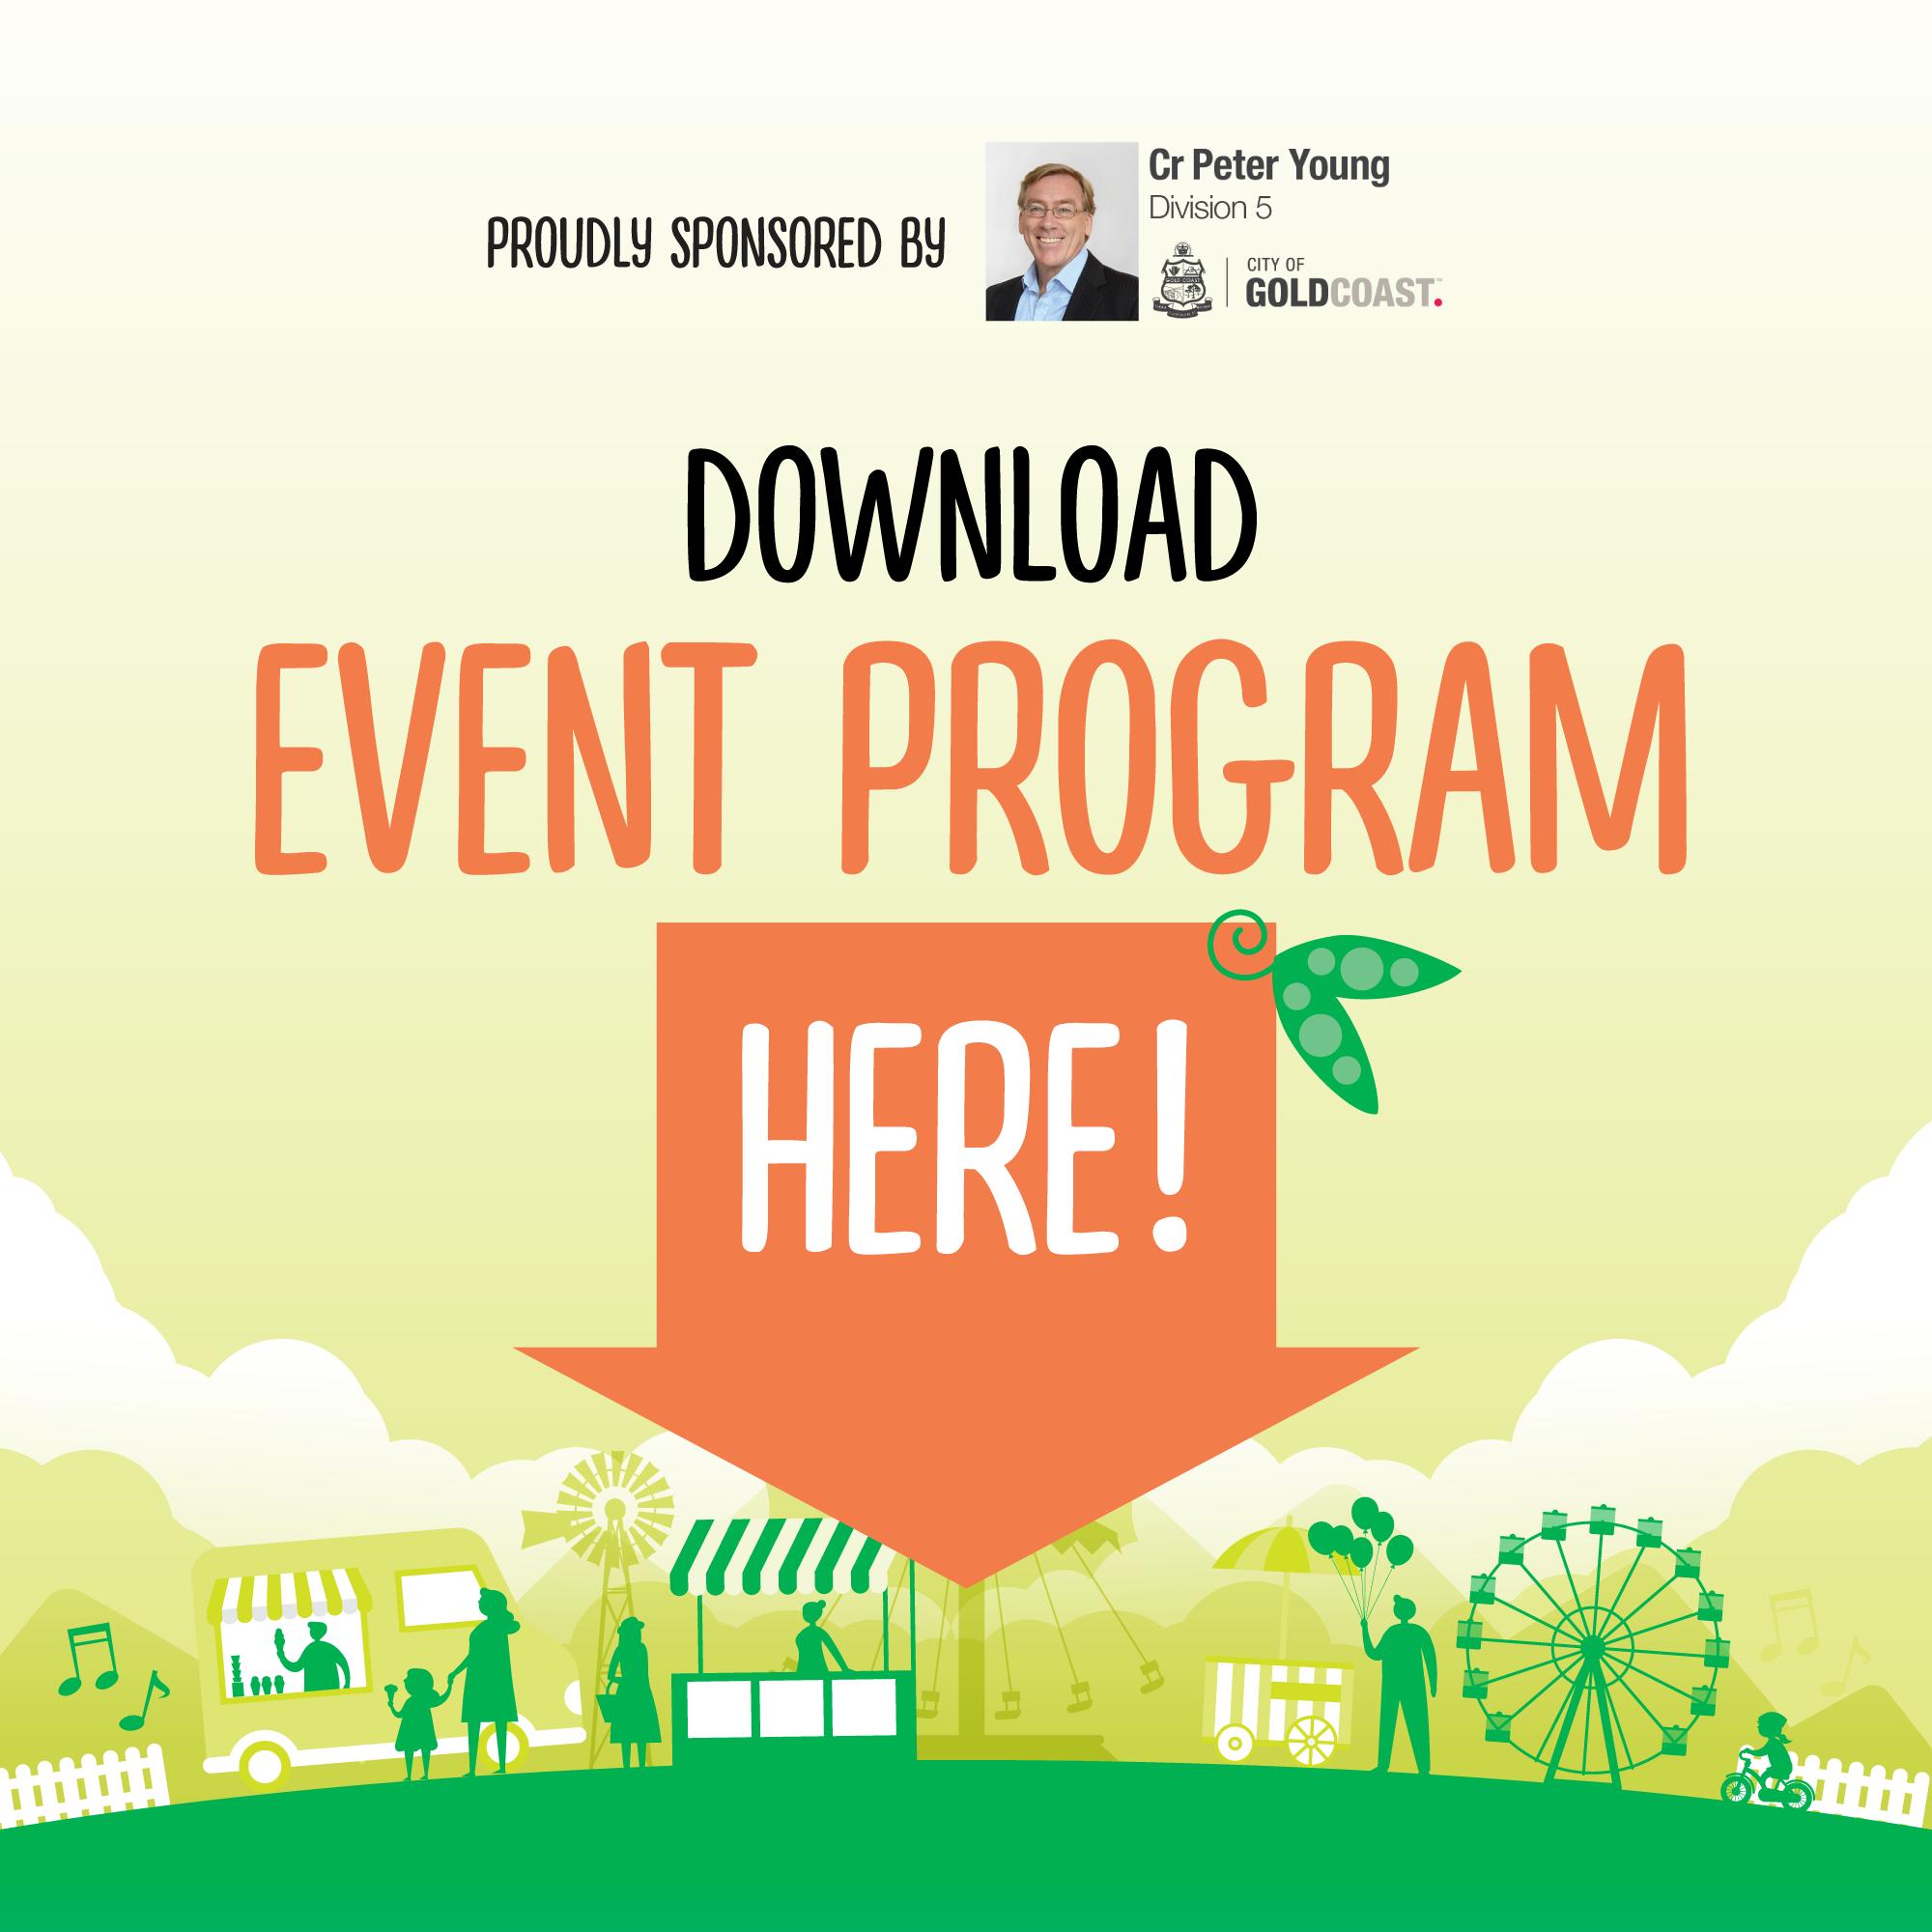 EventProgram_Tile_WEB.png